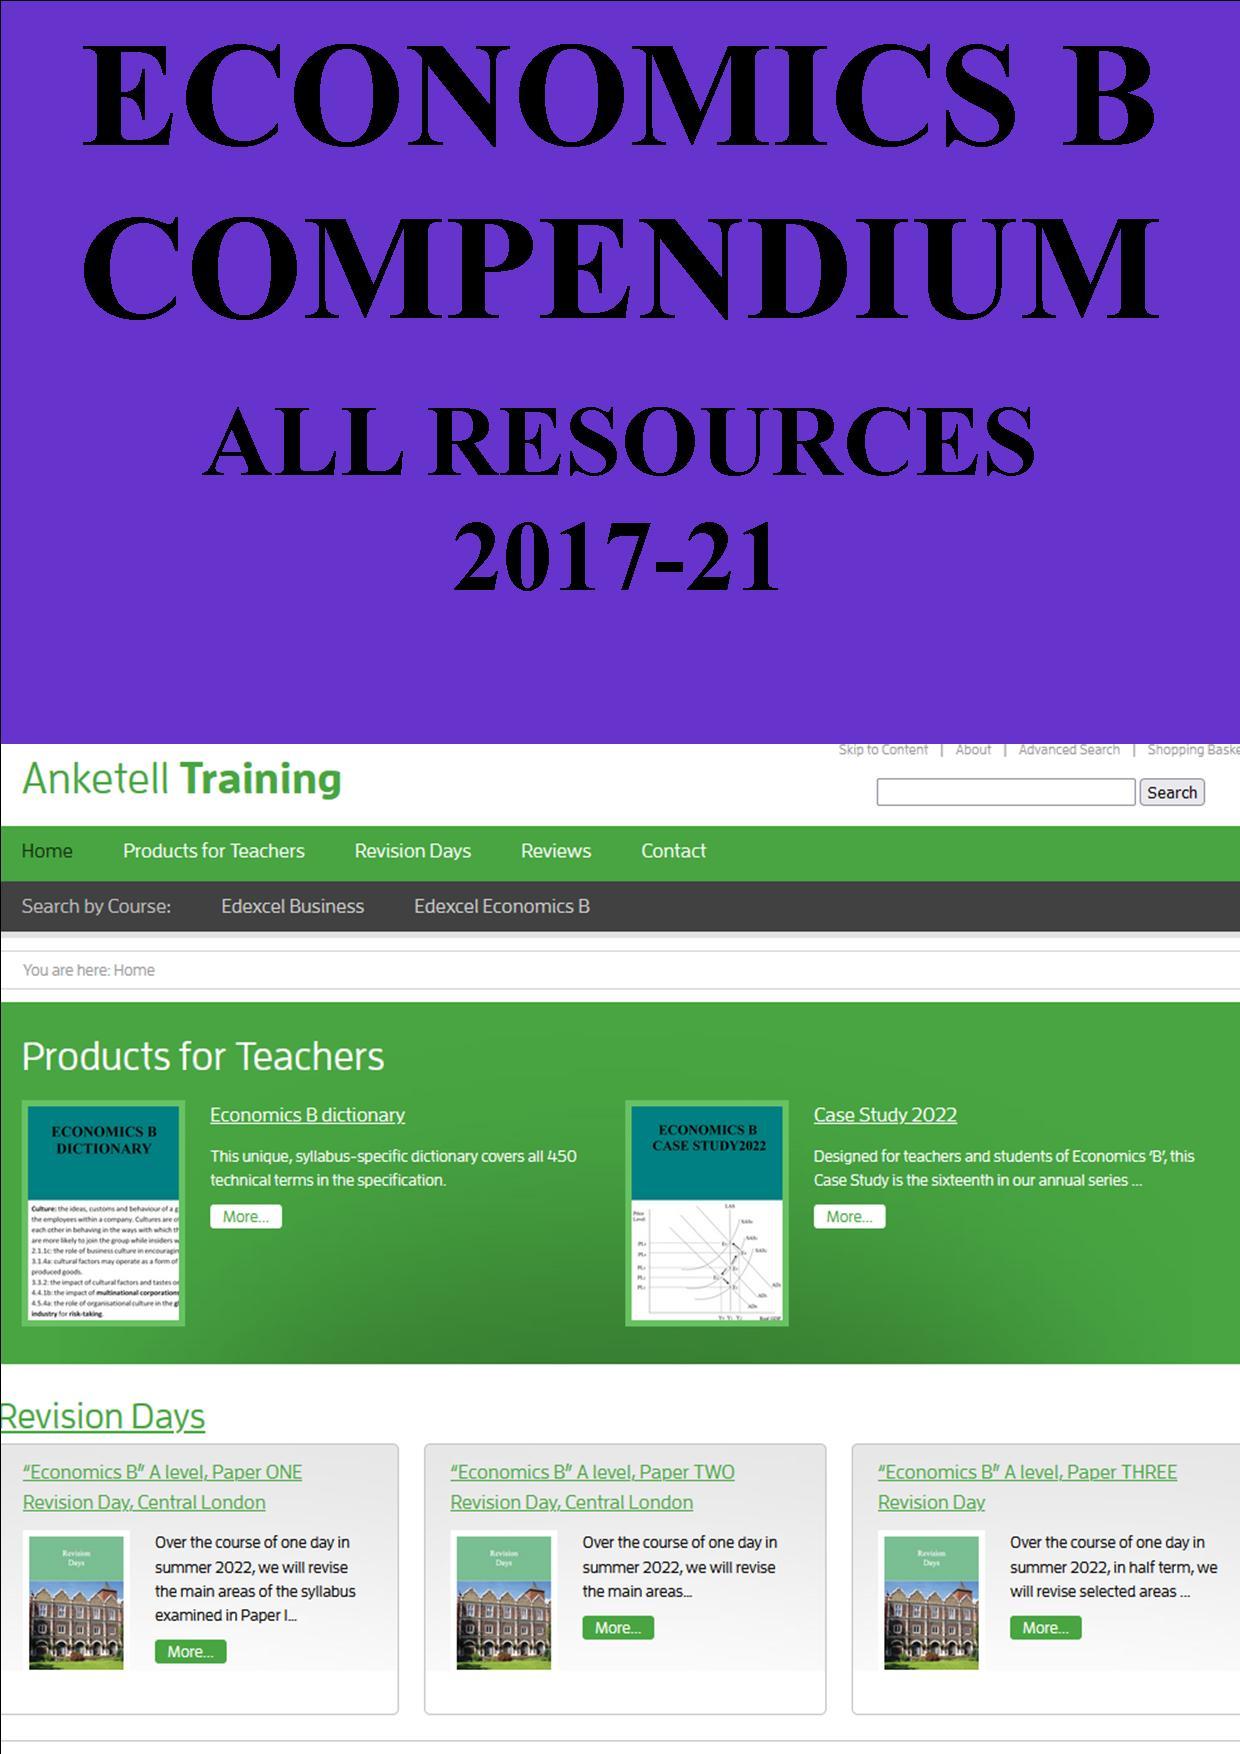 Economics B compendium